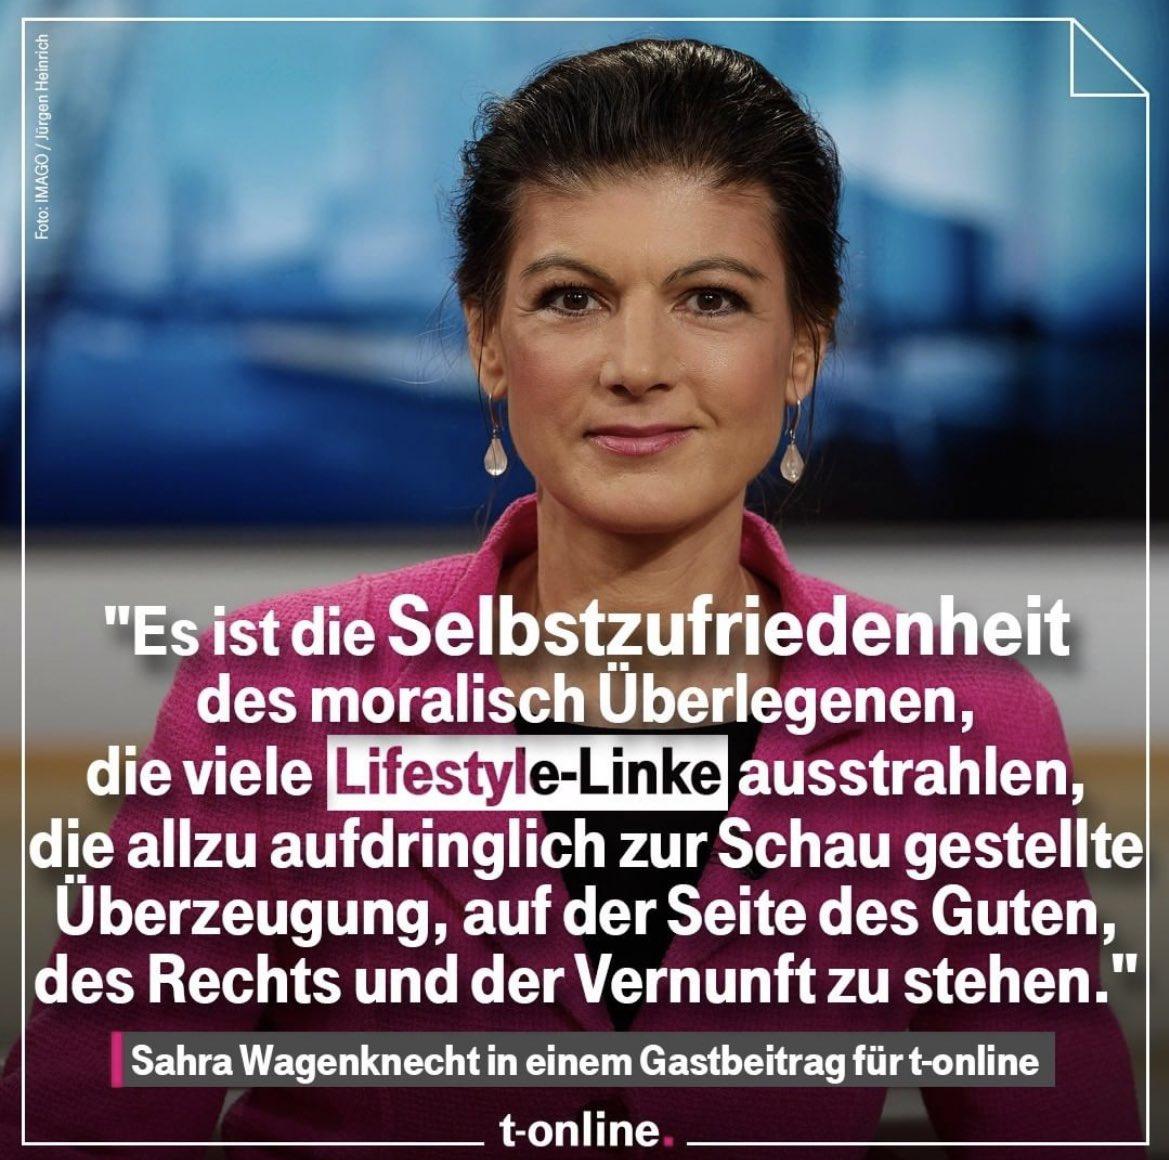 RT @JJ_1809: Alles gesagt. #Wagenknecht https://t.co/S0sKblnlbr